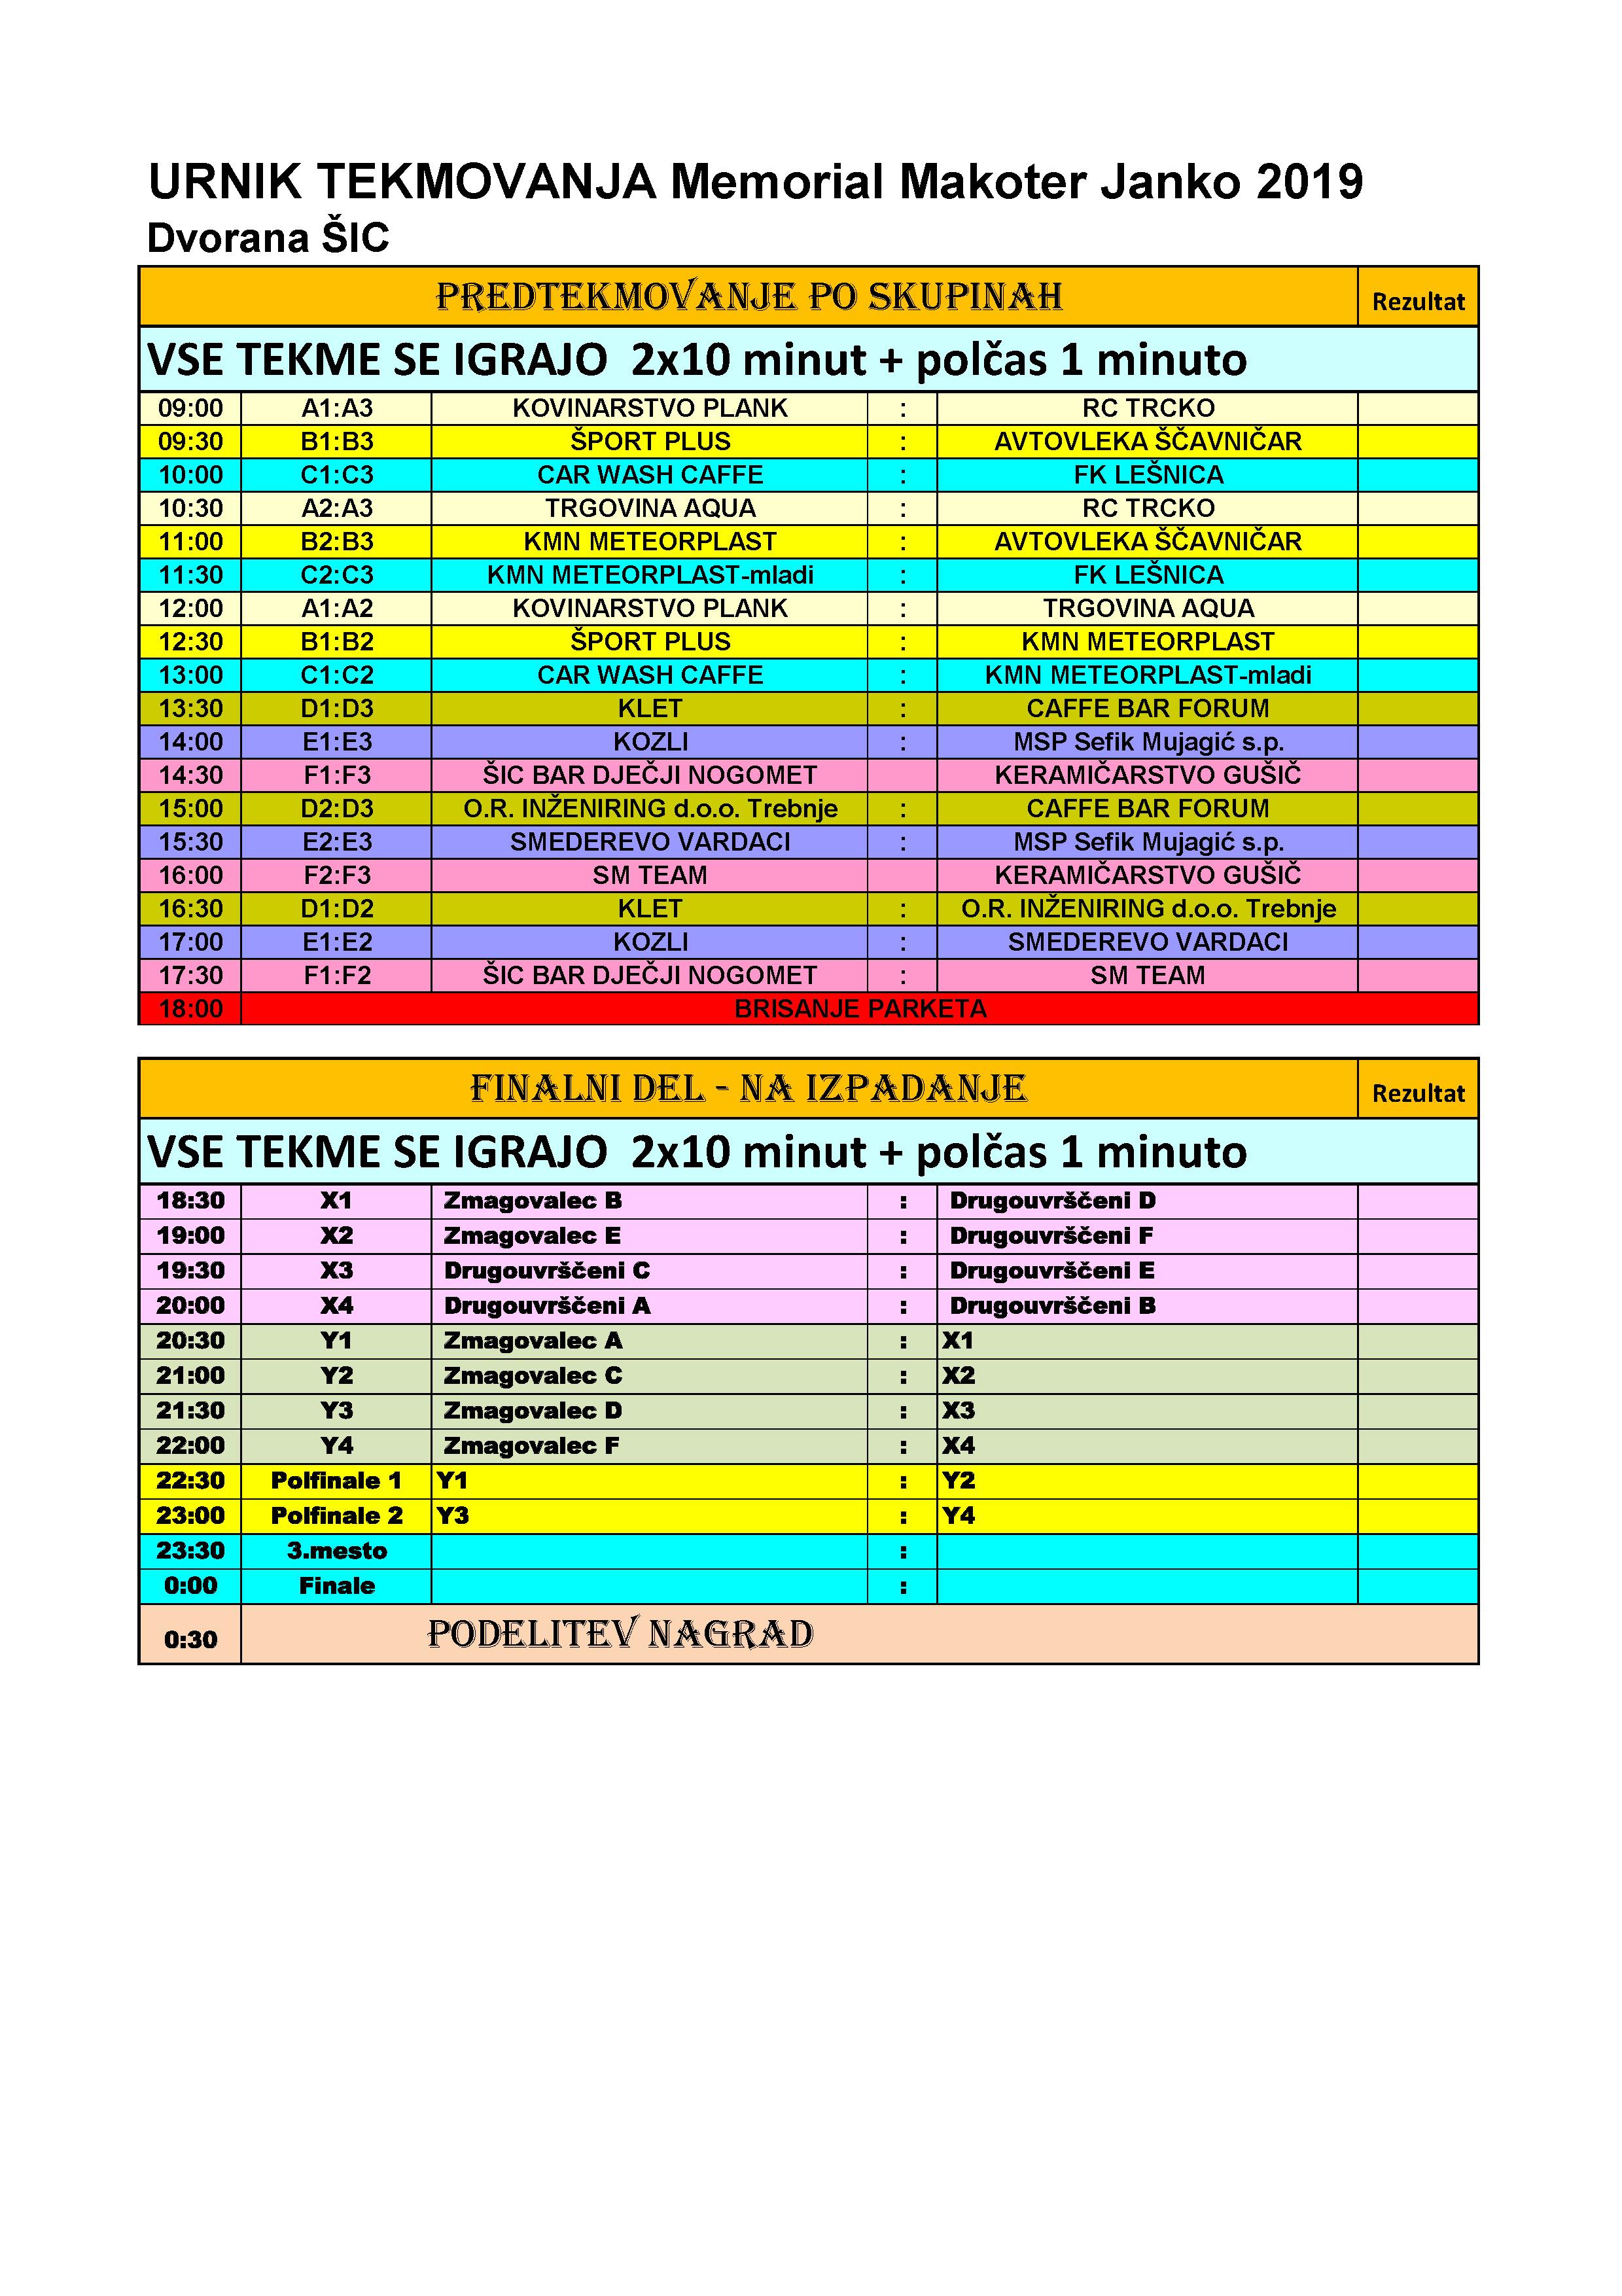 Na turnirju bo nastopilo 18 ekip